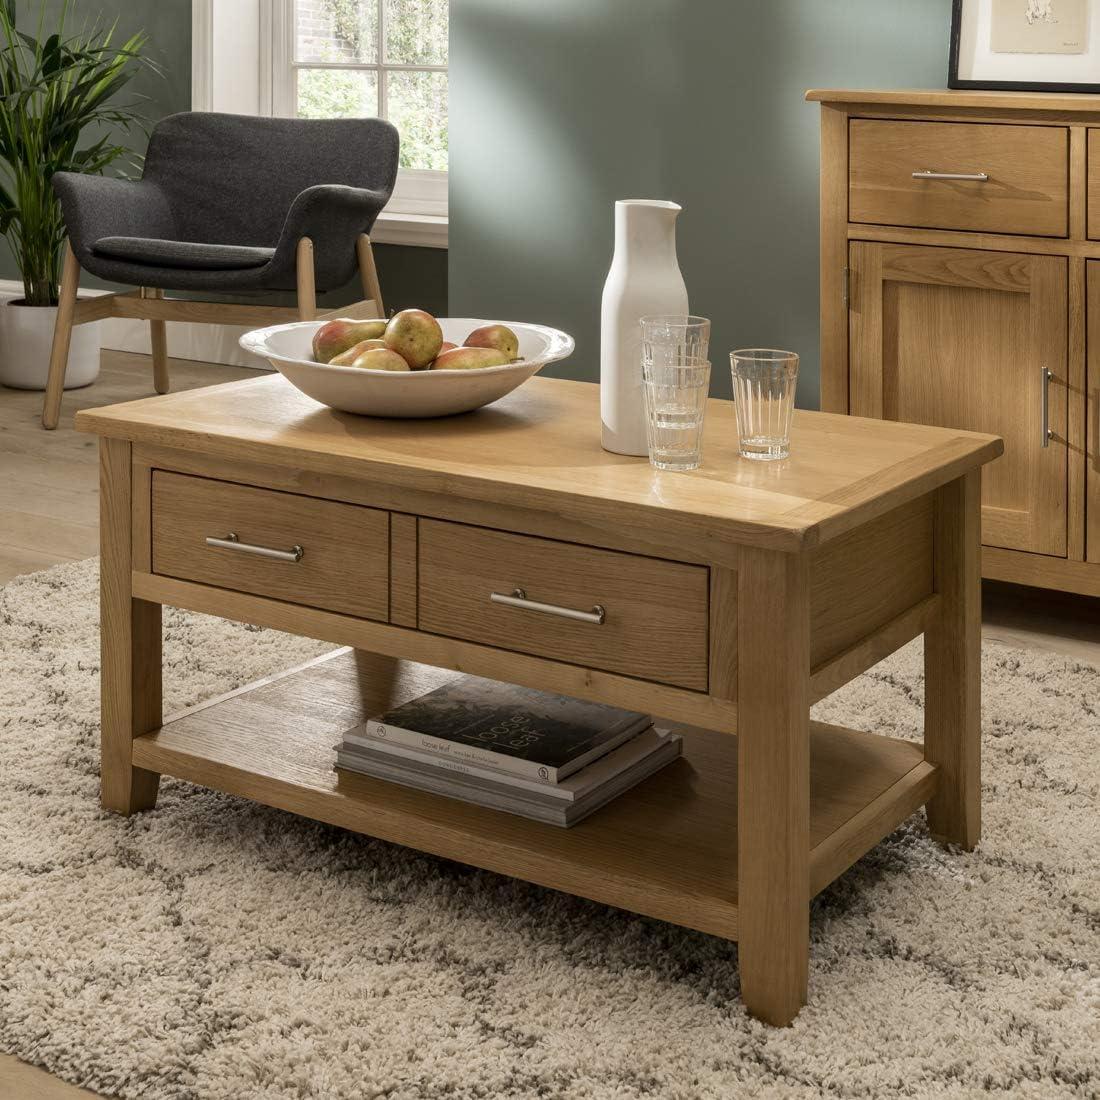 Wooden Coffee Table, Storage, Oak